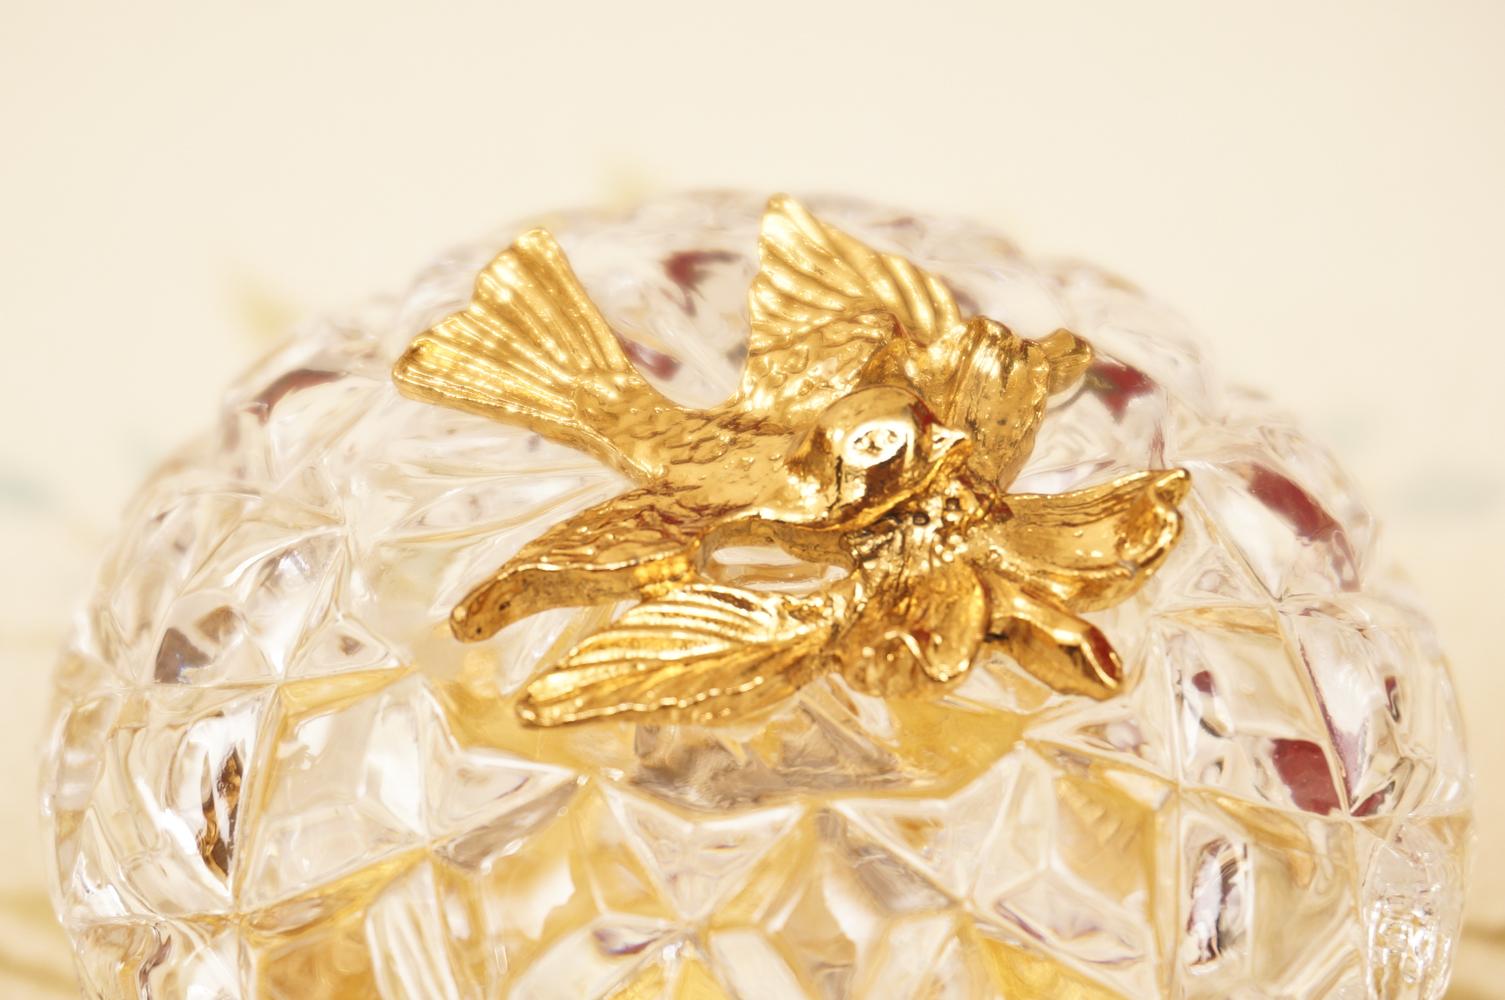 スタイルビルト製 ゴールド 小鳥とハナミズキ 小物入れ 拡大